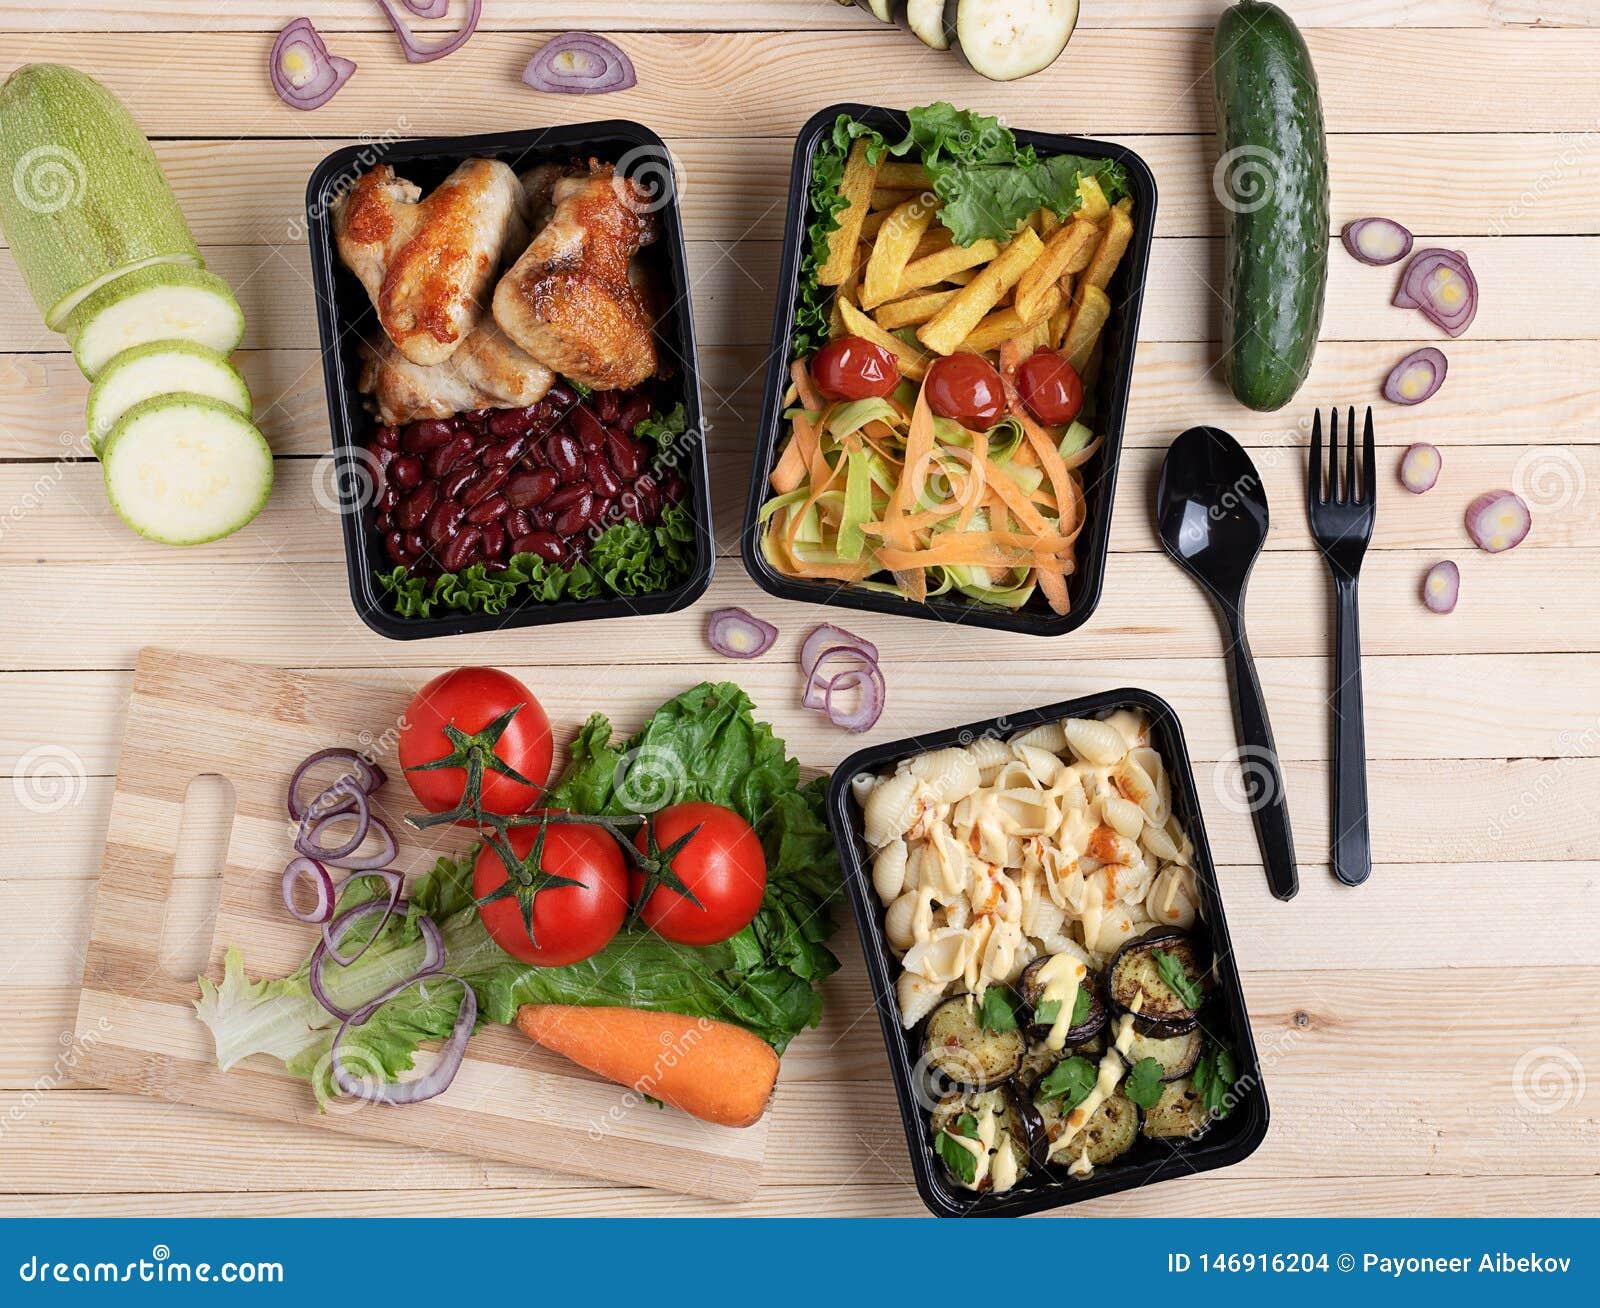 Gebratene Auberginen im Behälter mit gegrillten Hühnerflügeln kitcen an Brett, Tomaten, Zucchini und Mikro-greenss